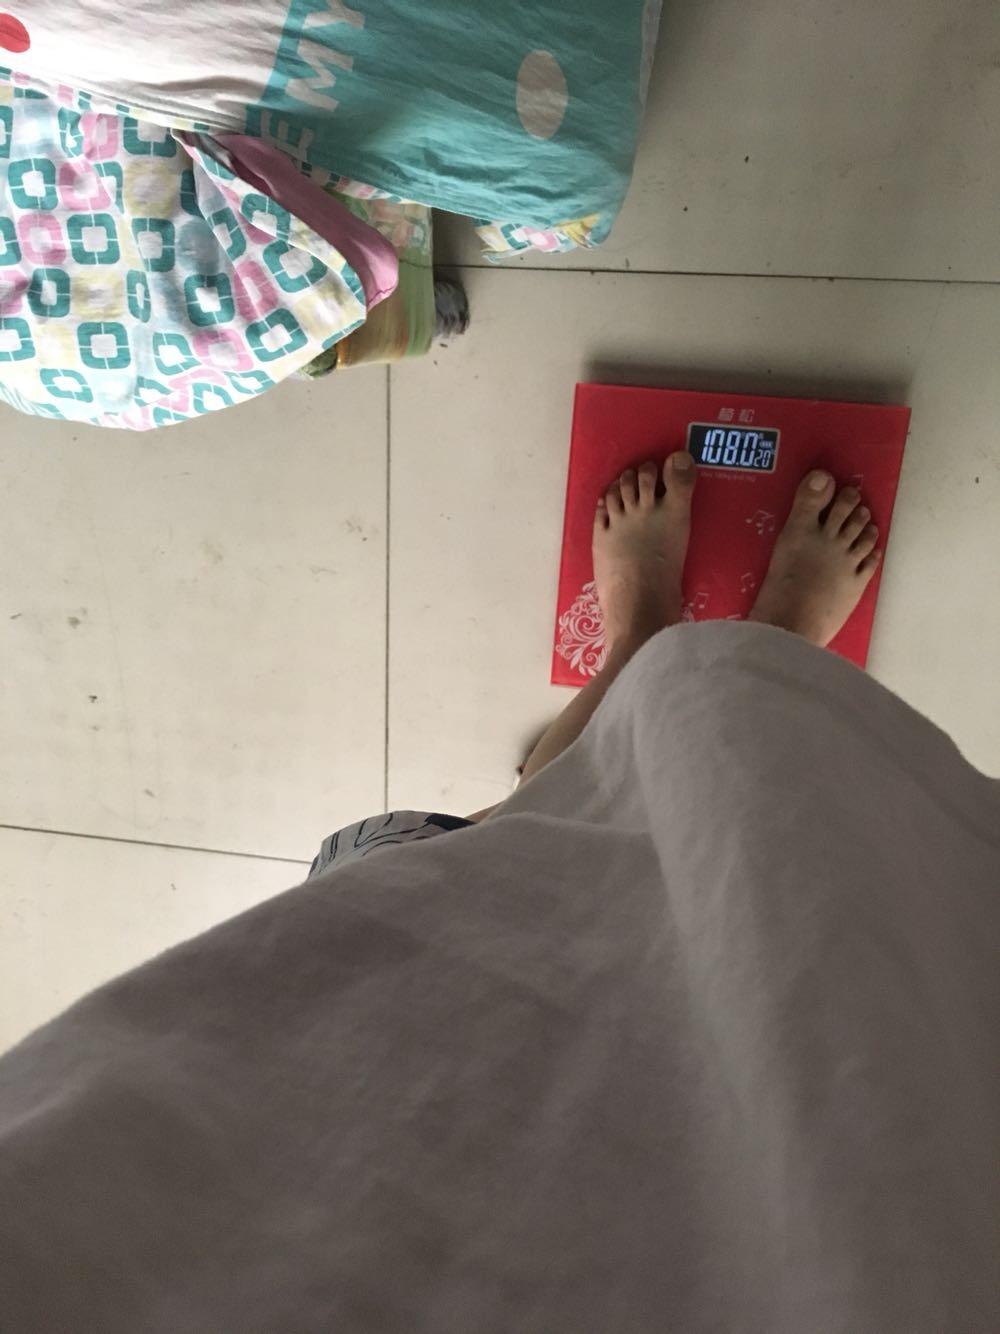 抓住产后减肥时机 新妈周瘦7斤